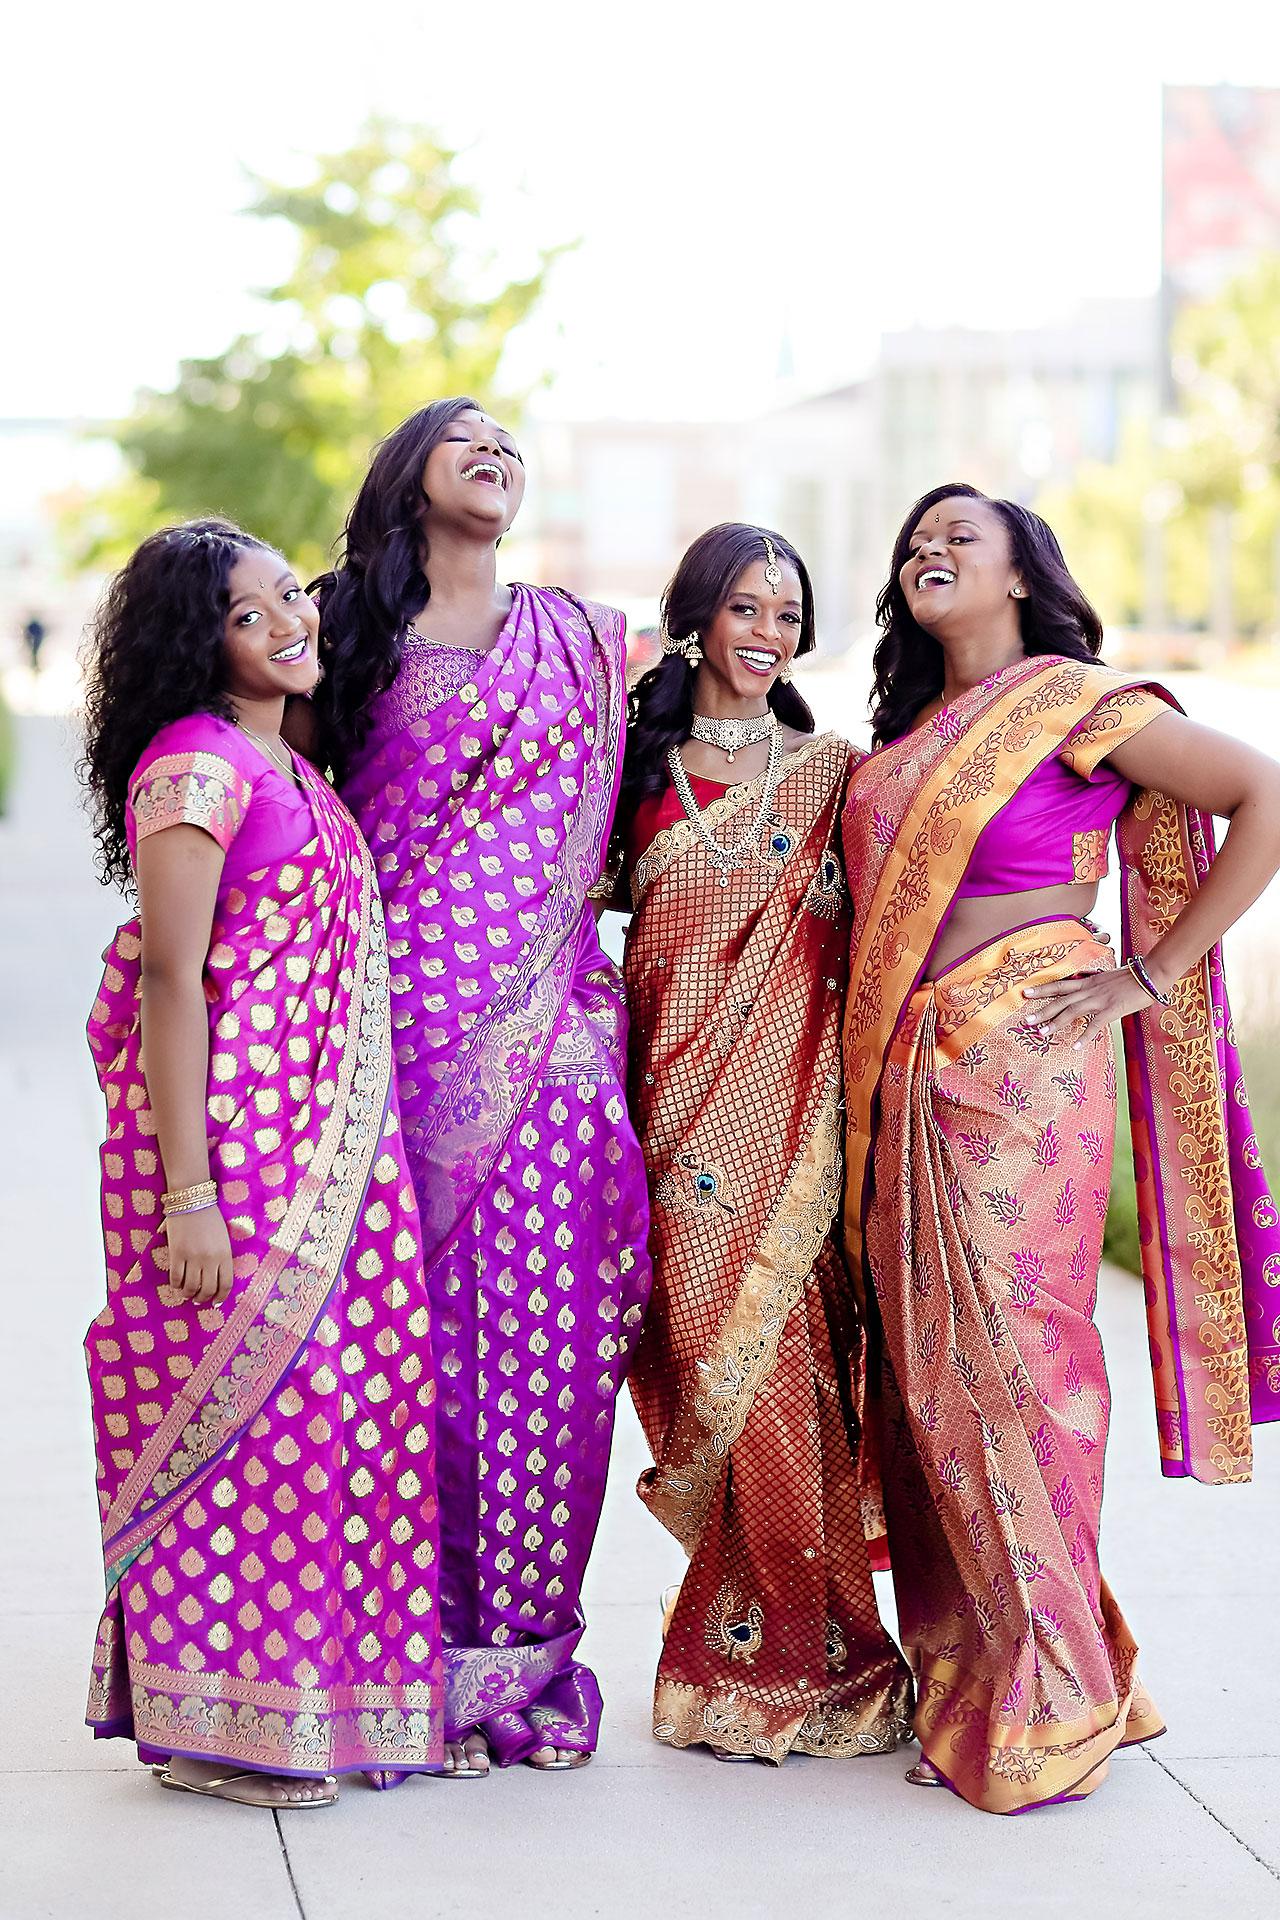 Joie Nikhil JW Marriott Indian Wedding 070